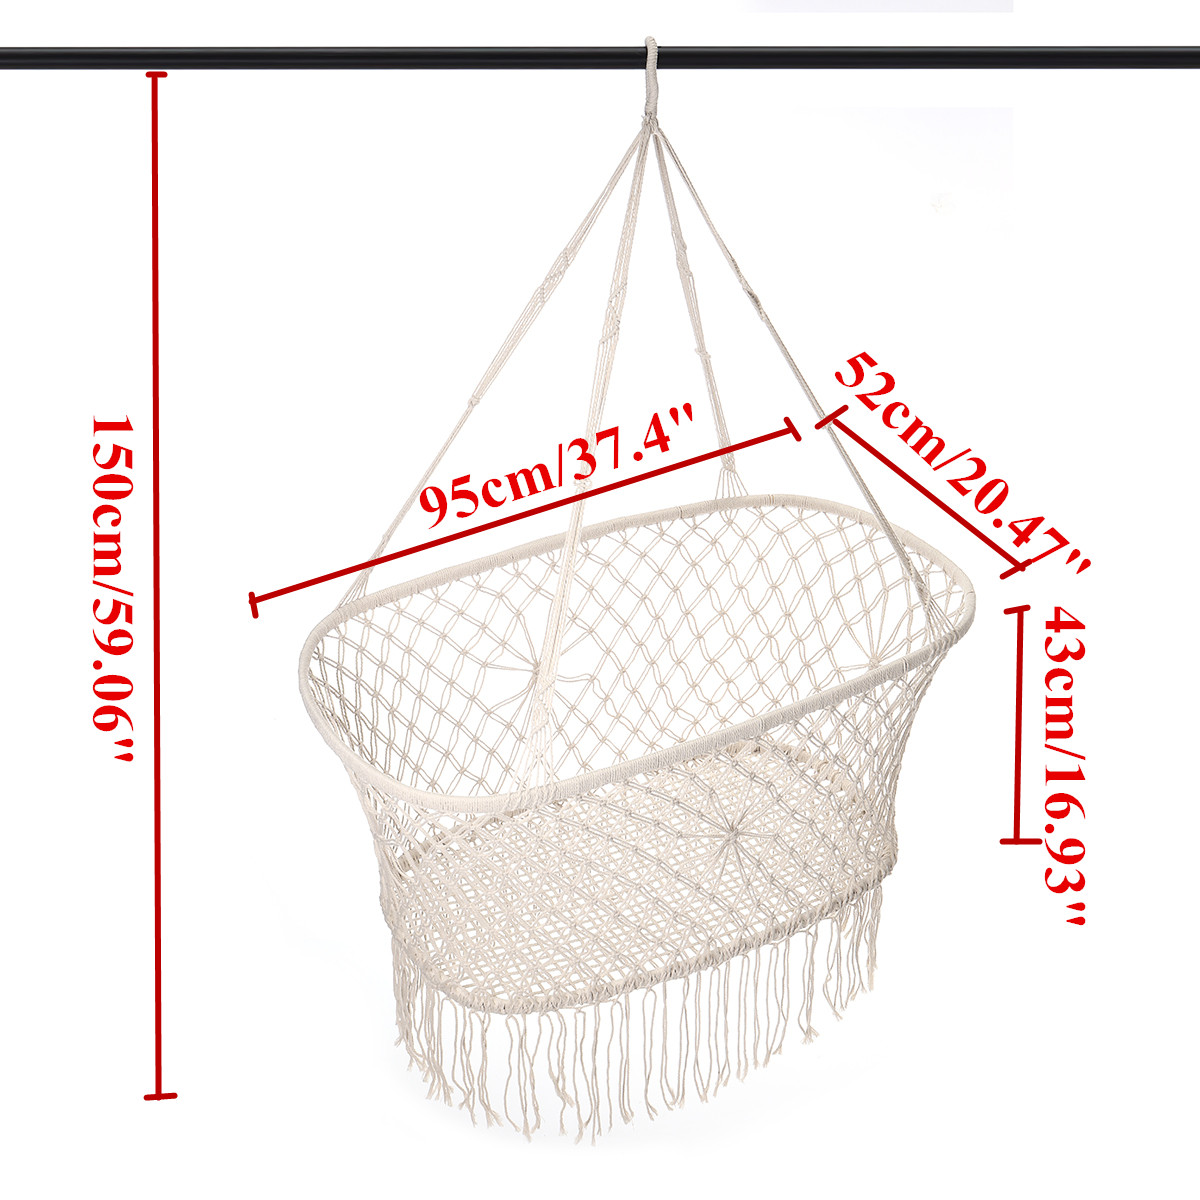 Corde de coton gland hamac chaise balançoire hamac enfants bascule sommeil lit intérieur extérieur suspendu seste enfant balançoire siège - 2